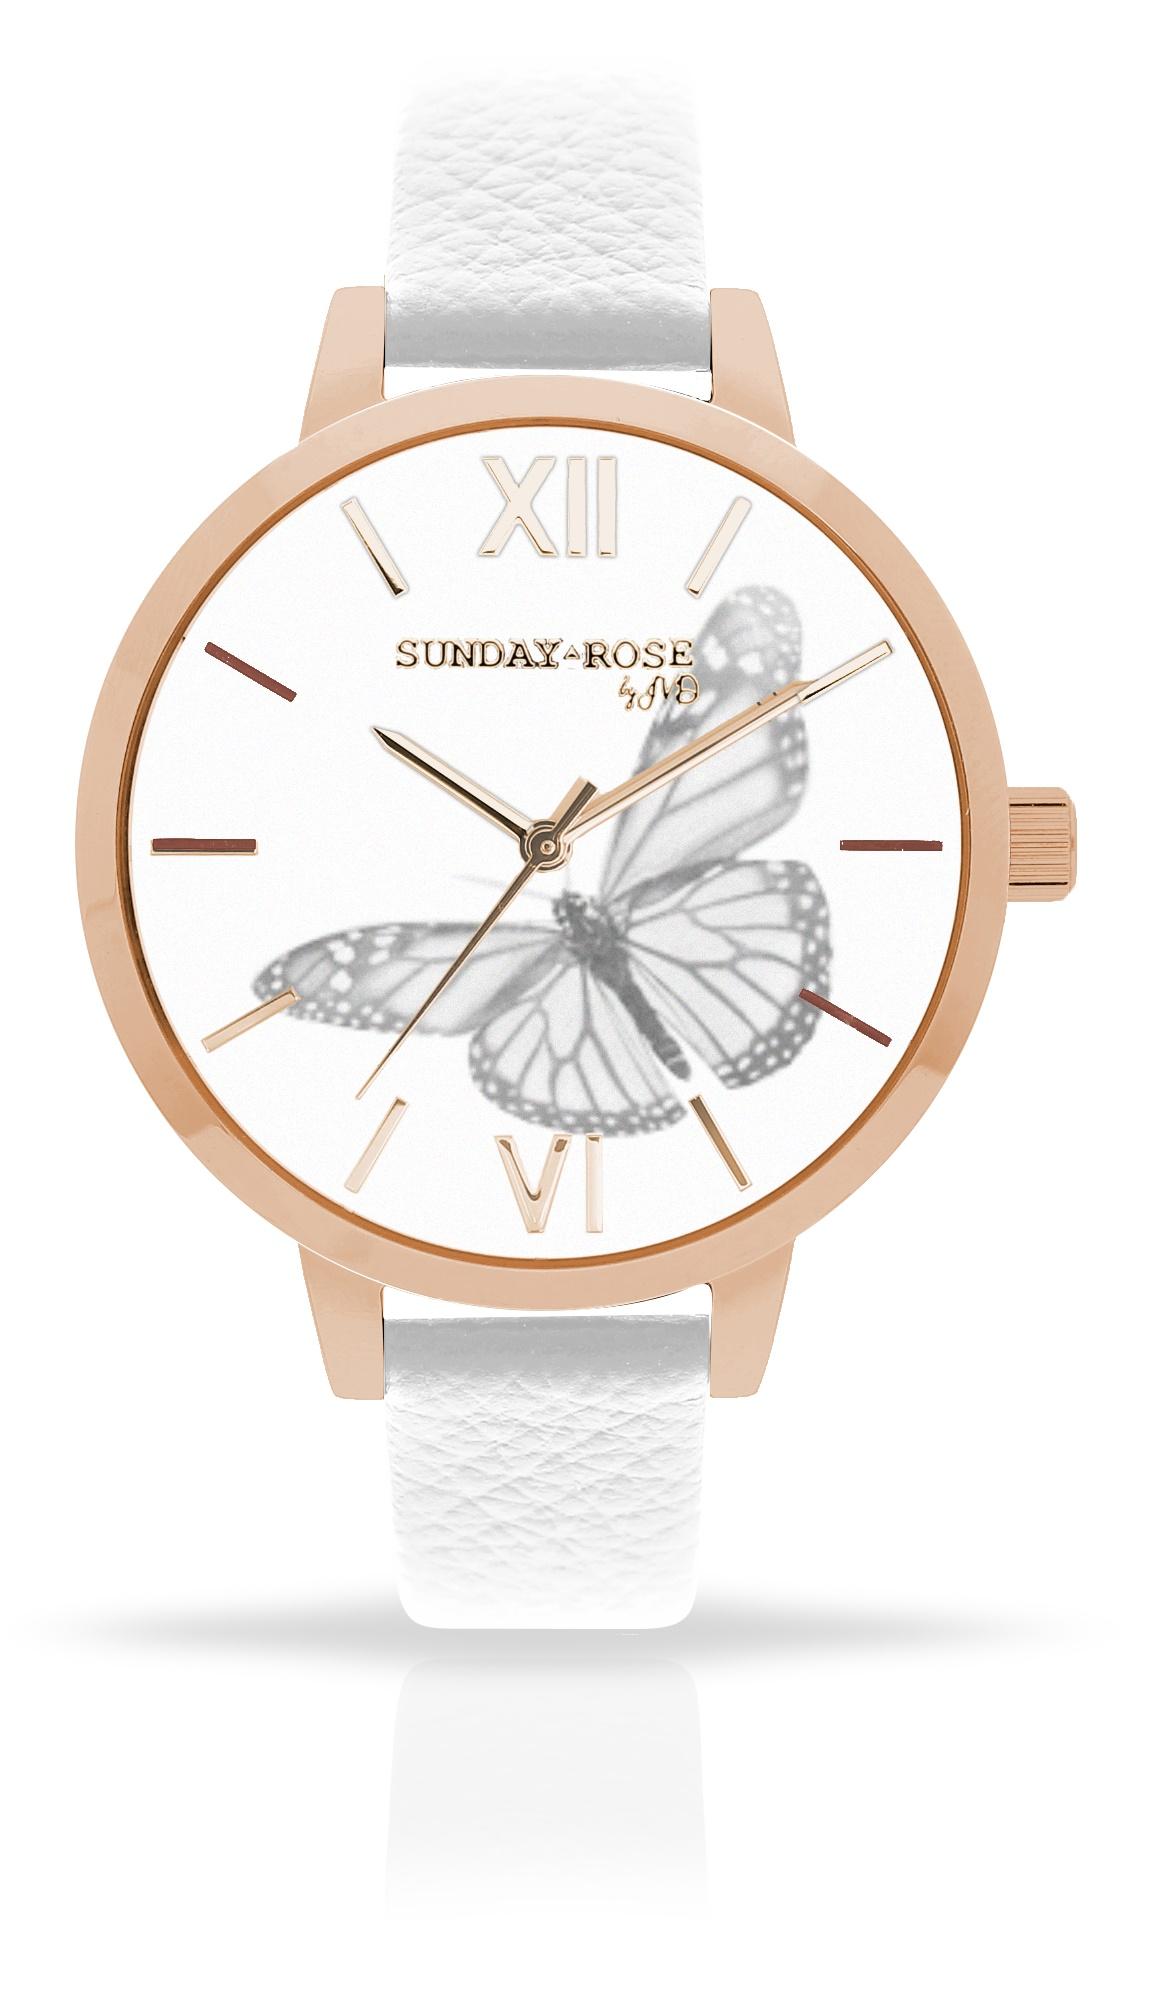 Dámské luxusní designové hodinky SUNDAY ROSE Alive BUTTERFLY SENSE (POŠTOVNÉ ZDARMA!!)